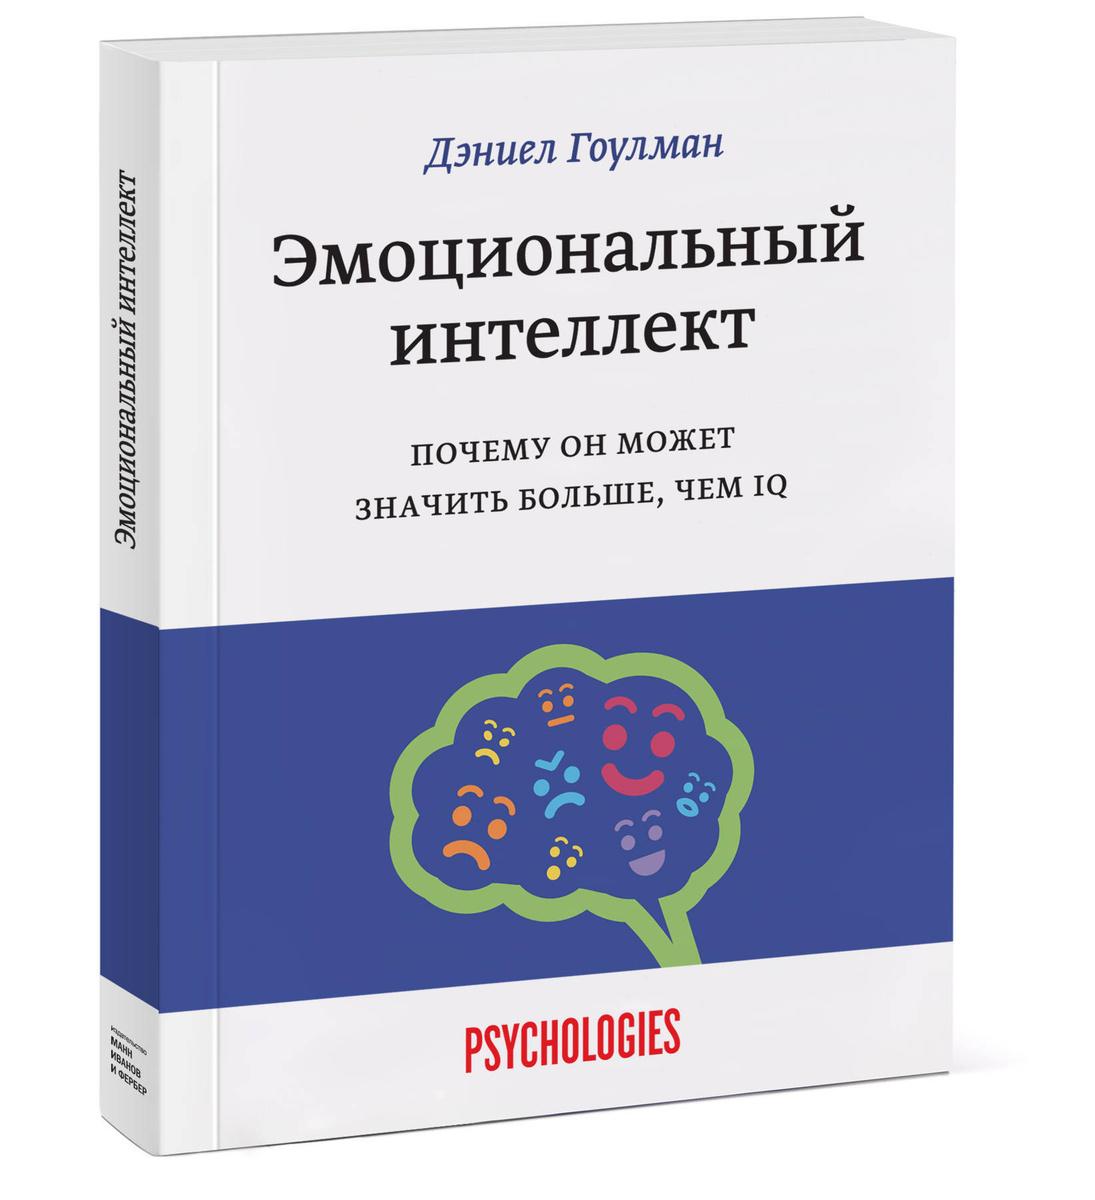 Эмоциональный интеллект. Почему он может значить больше, чем IQ | Гоулман Дэниел  #1